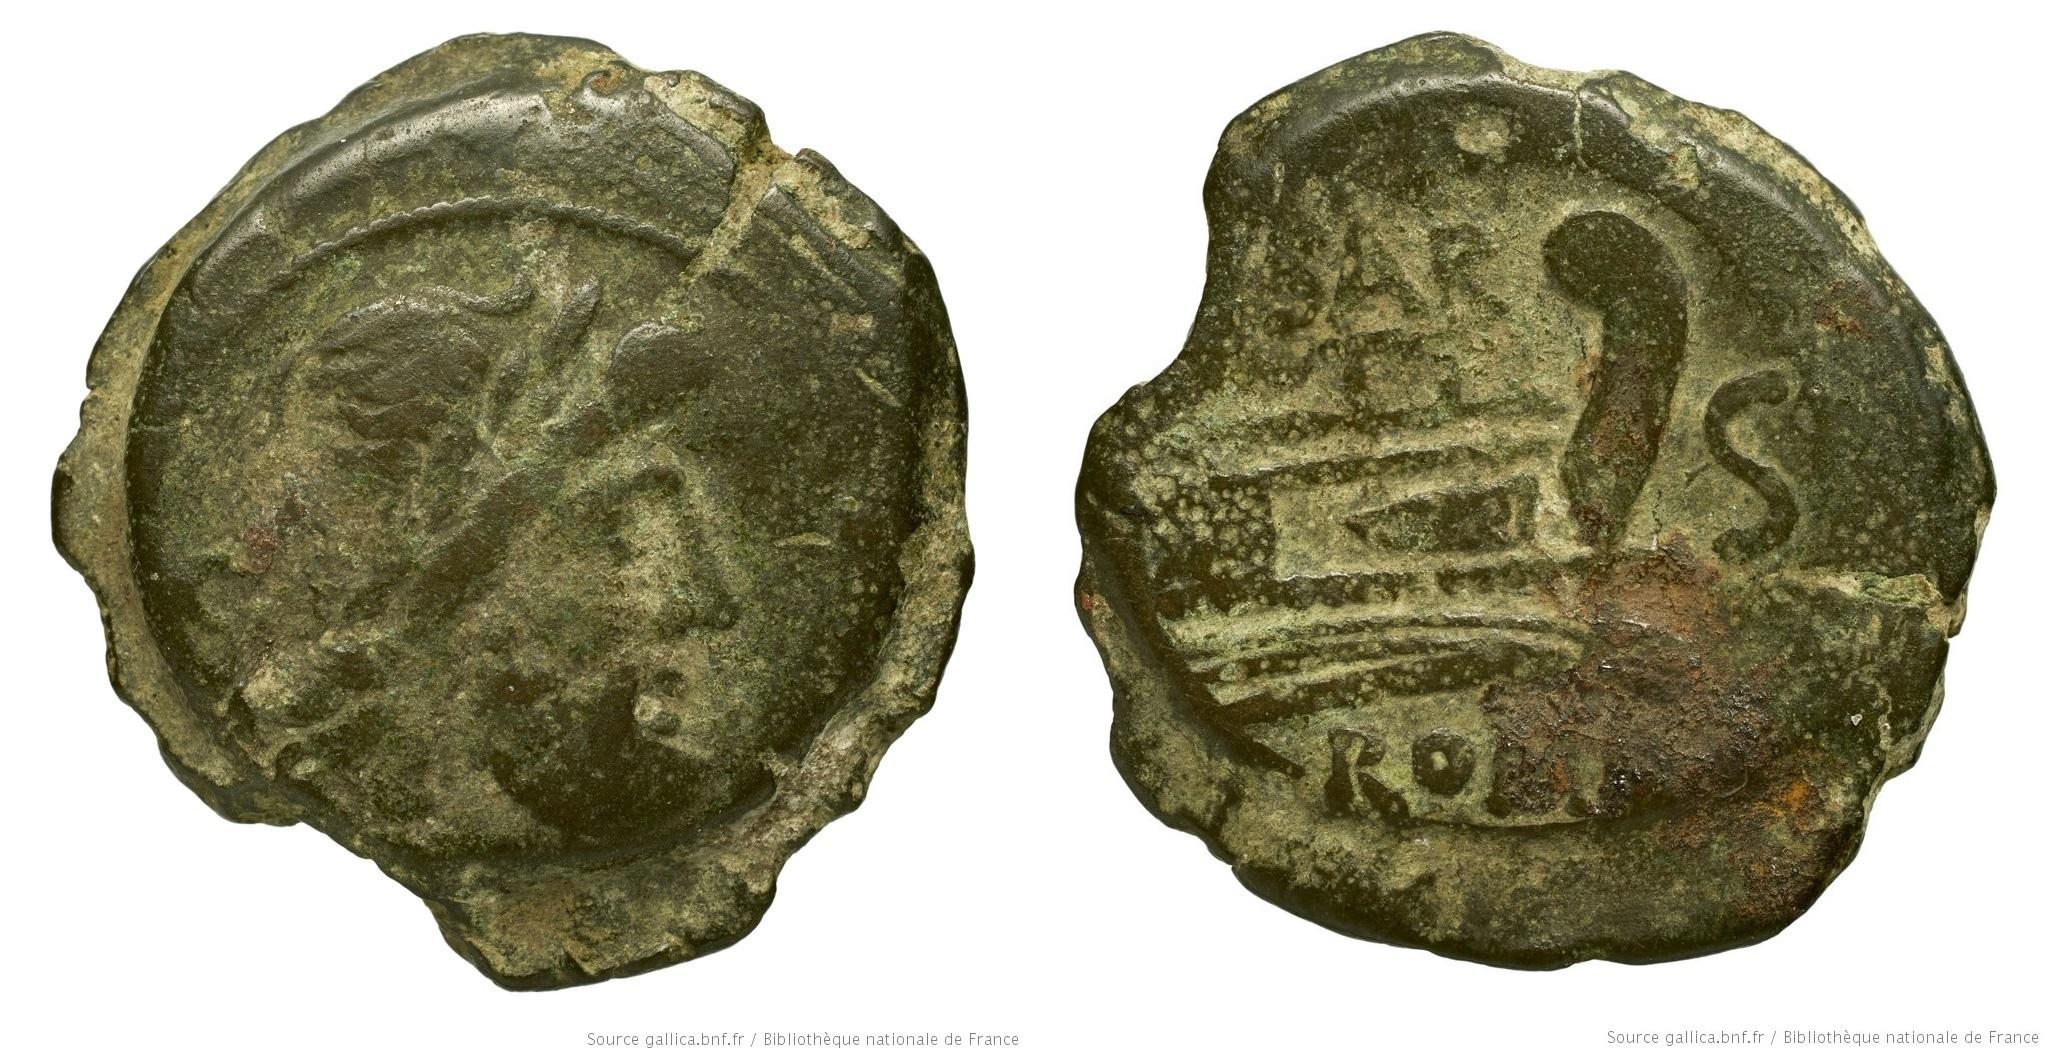 803AT – Semis Atilia – Sextus Atilius Serranus